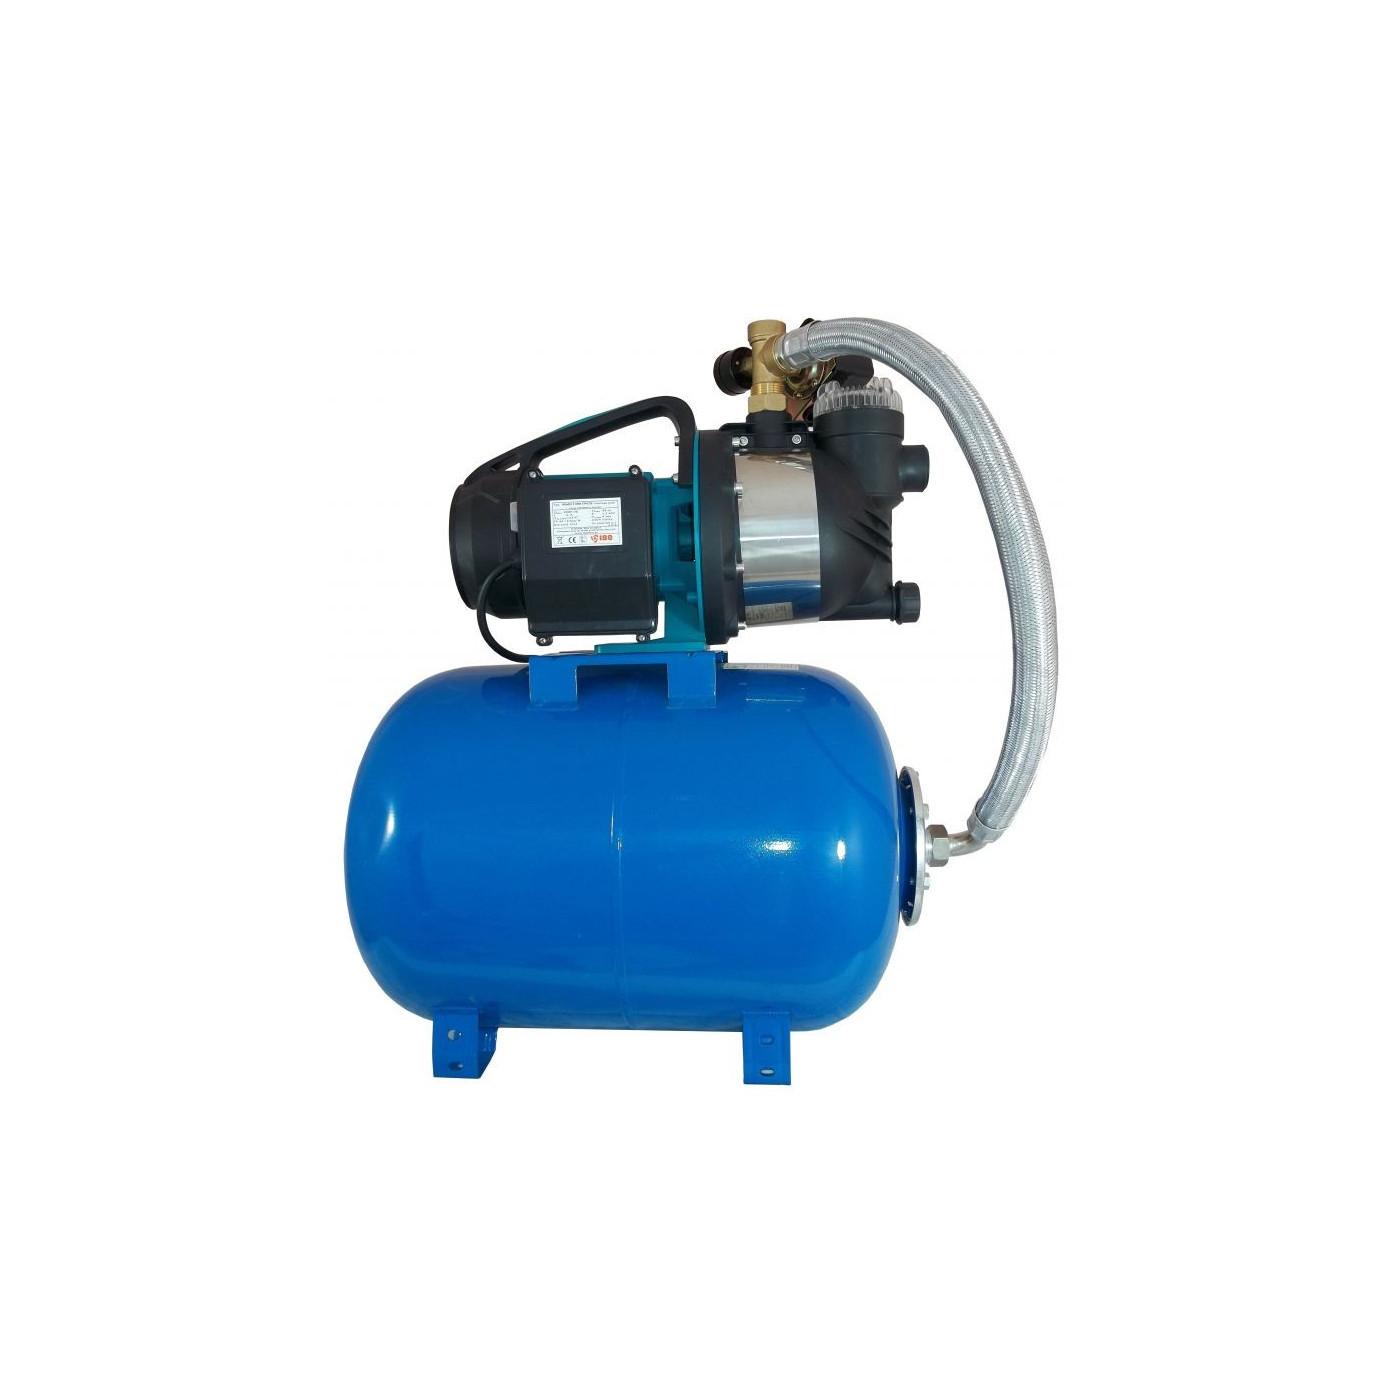 Wasserpumpe Edelstahl Gartenpumpe Hauswasserwerk Kreiselpumpe 1100Watt